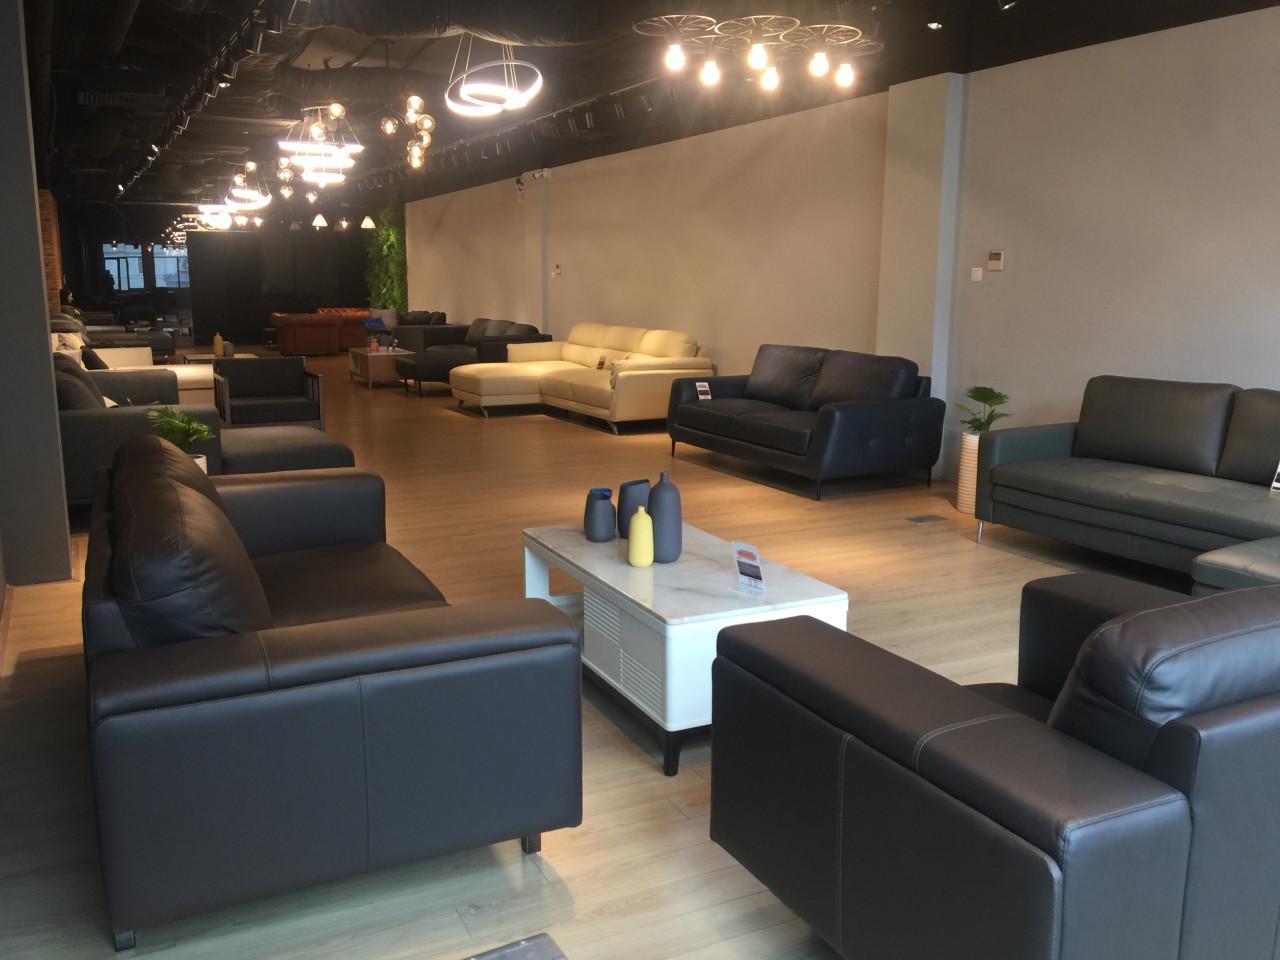 Thi công và hoàn thiện thiết kế nội thất showroom 58A Ngô Thì Nhậm đẹp